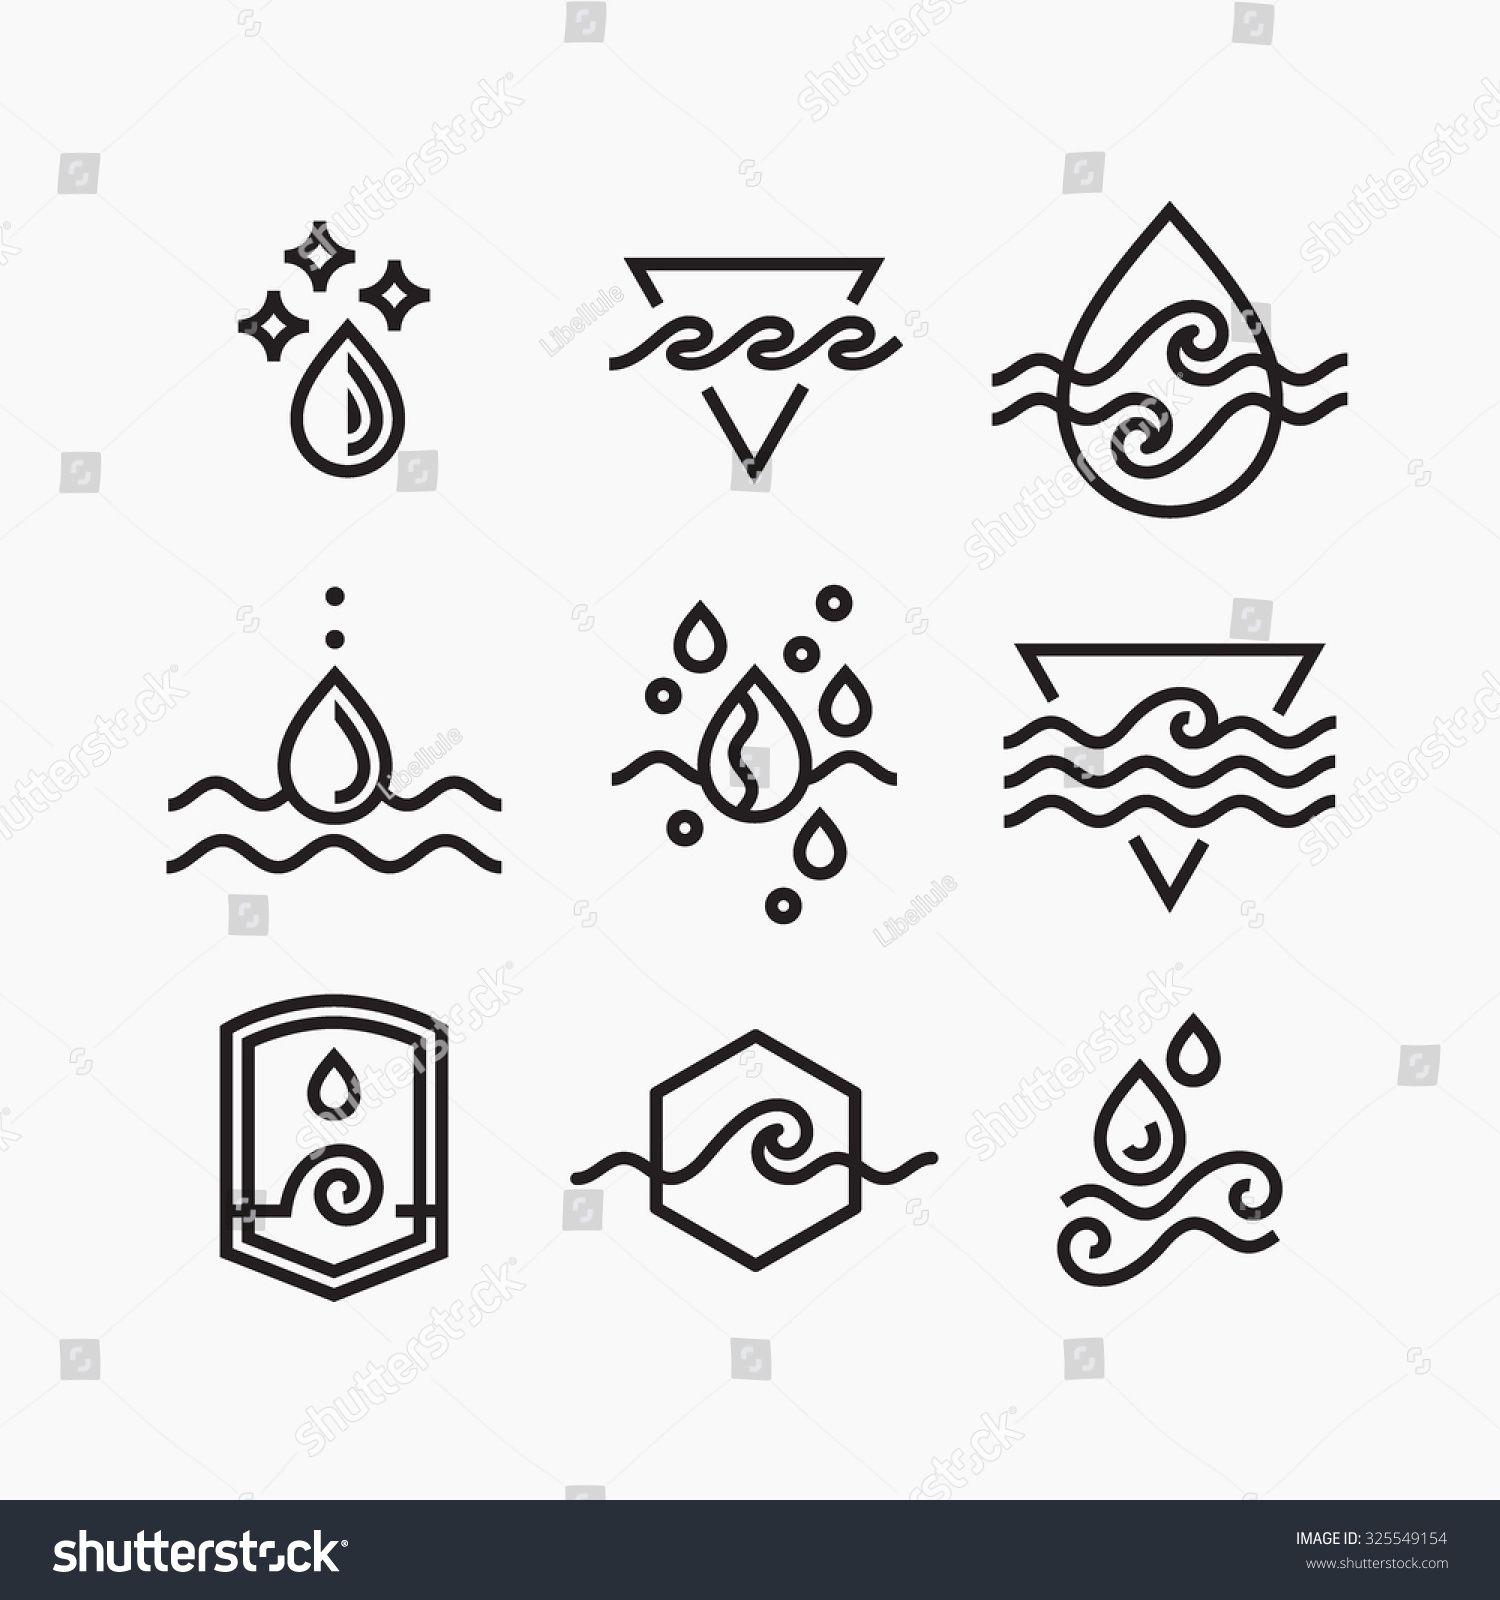 Image vectorielle de stock de Image vectorielle ensemble de symboles d'eau, 325549154